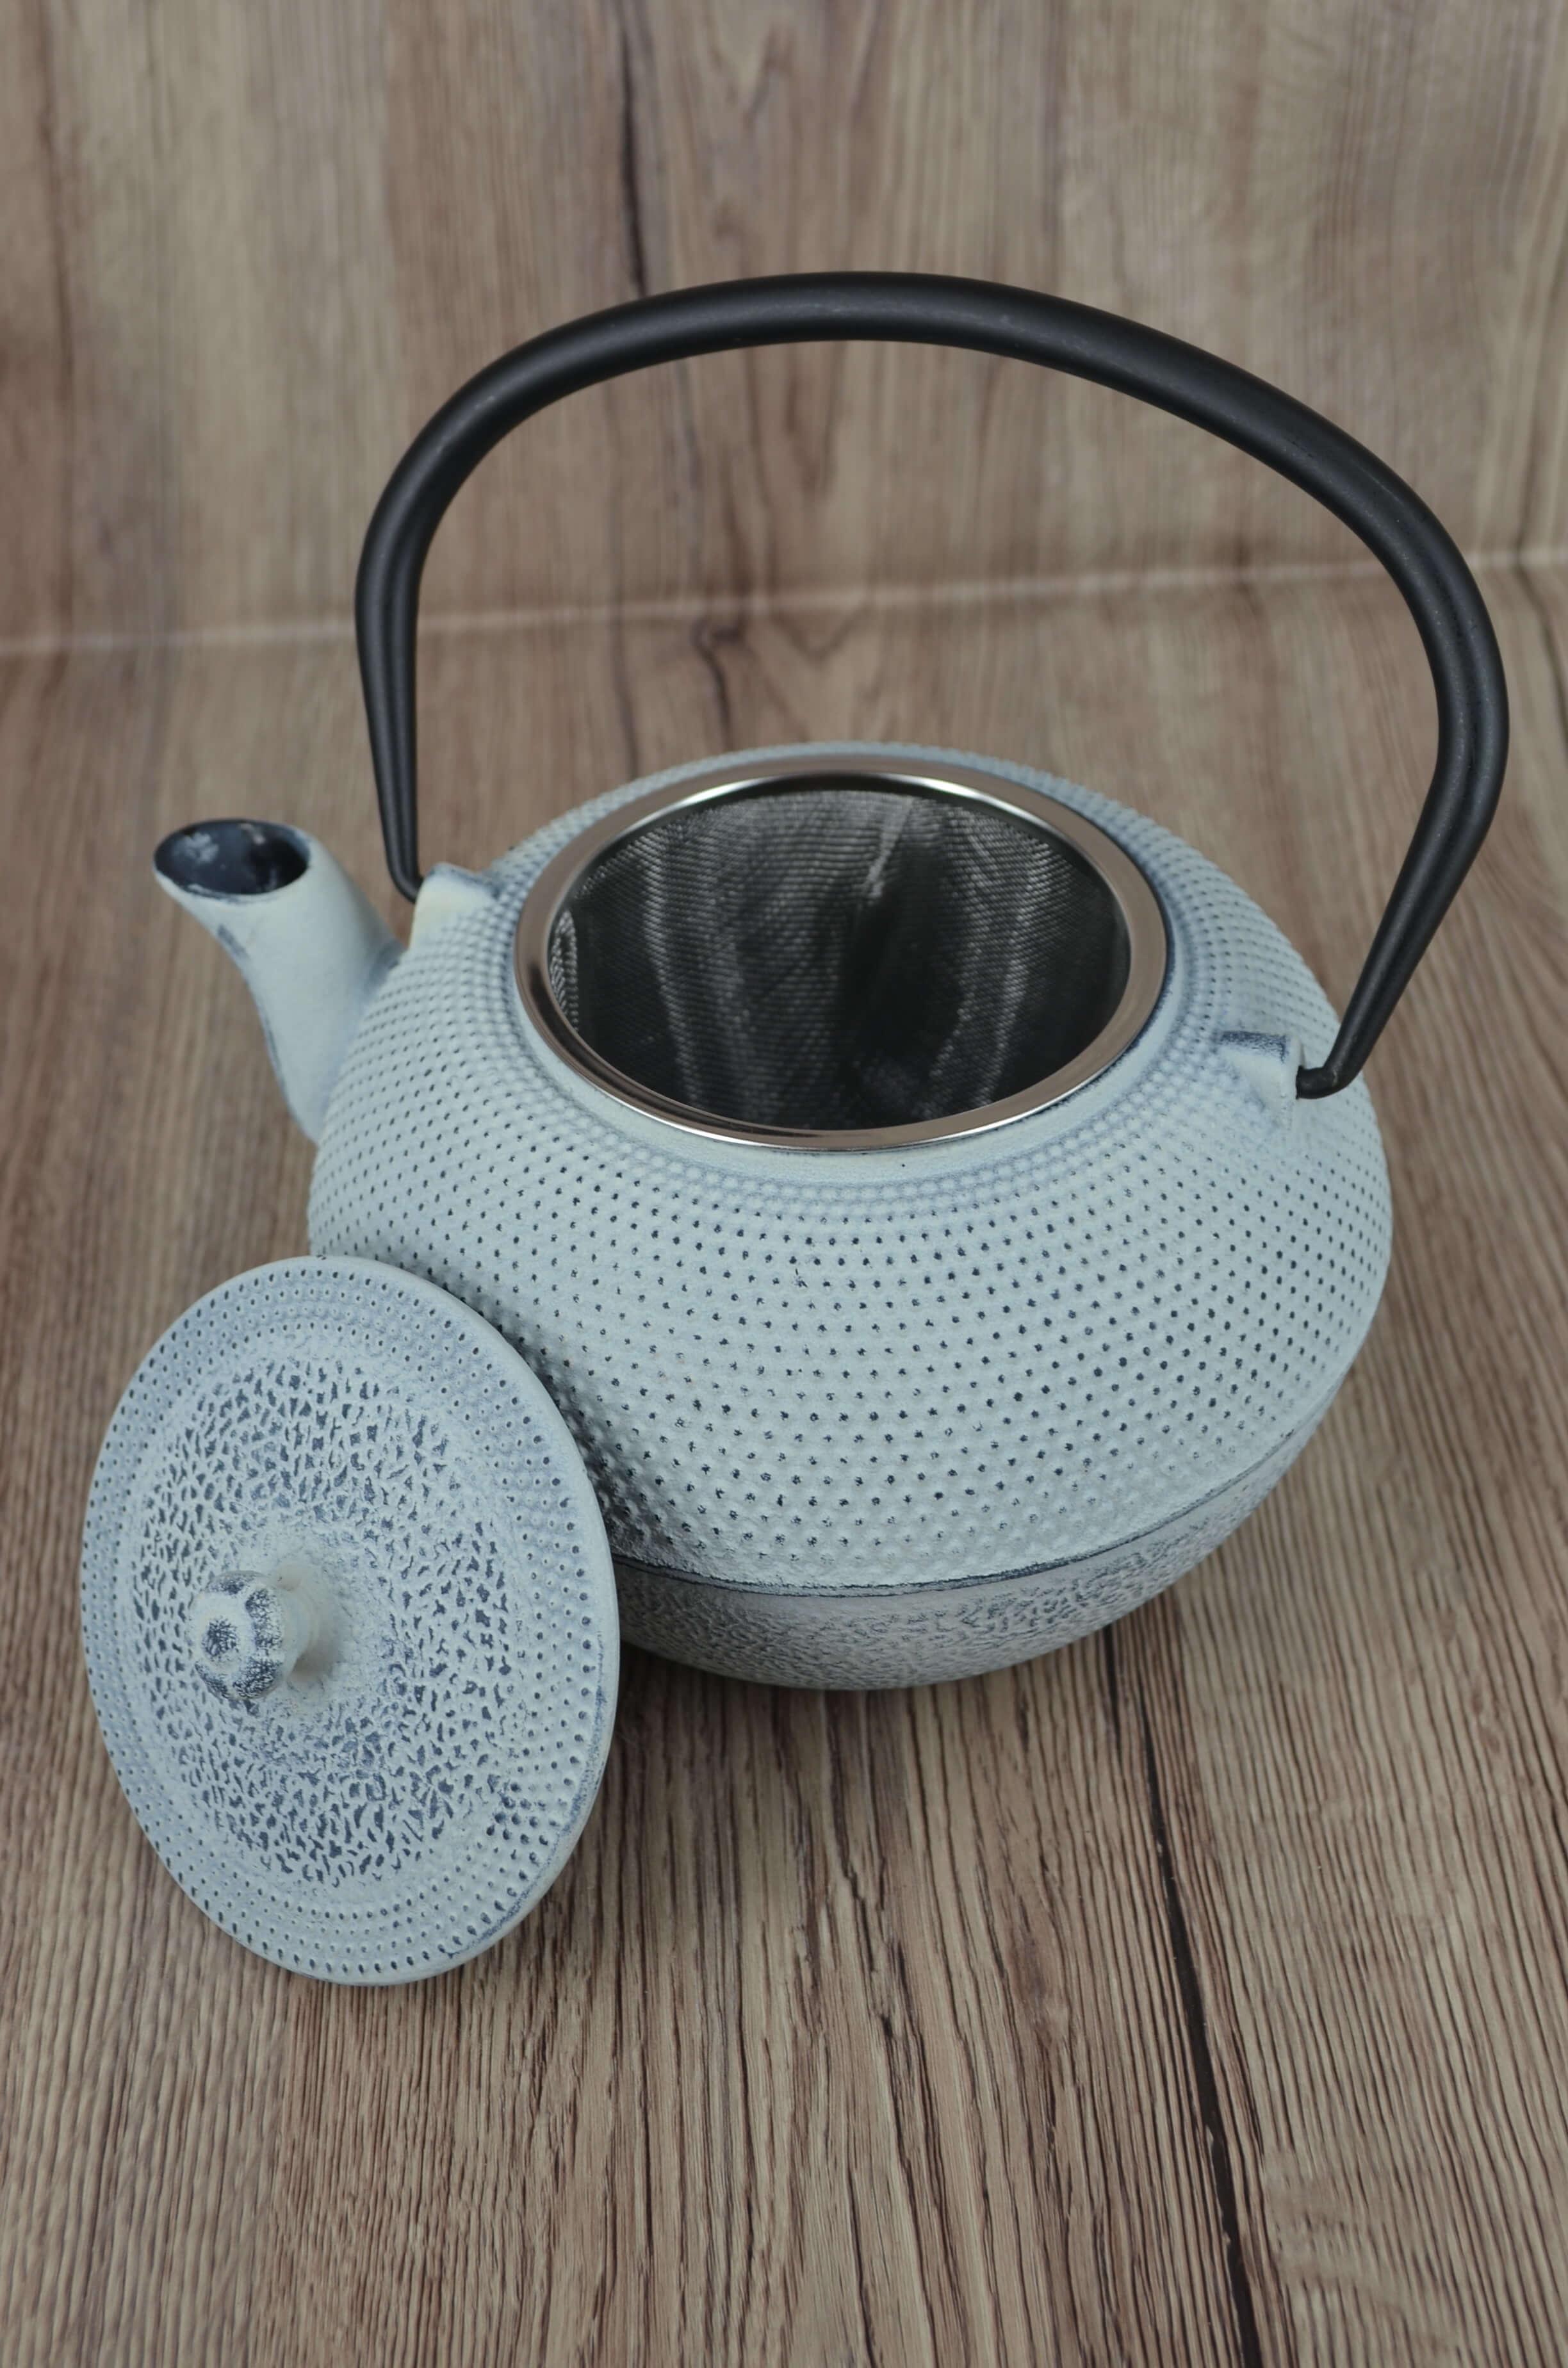 biały żeliwny dzbanek. dzbanek do parzenia herbaty